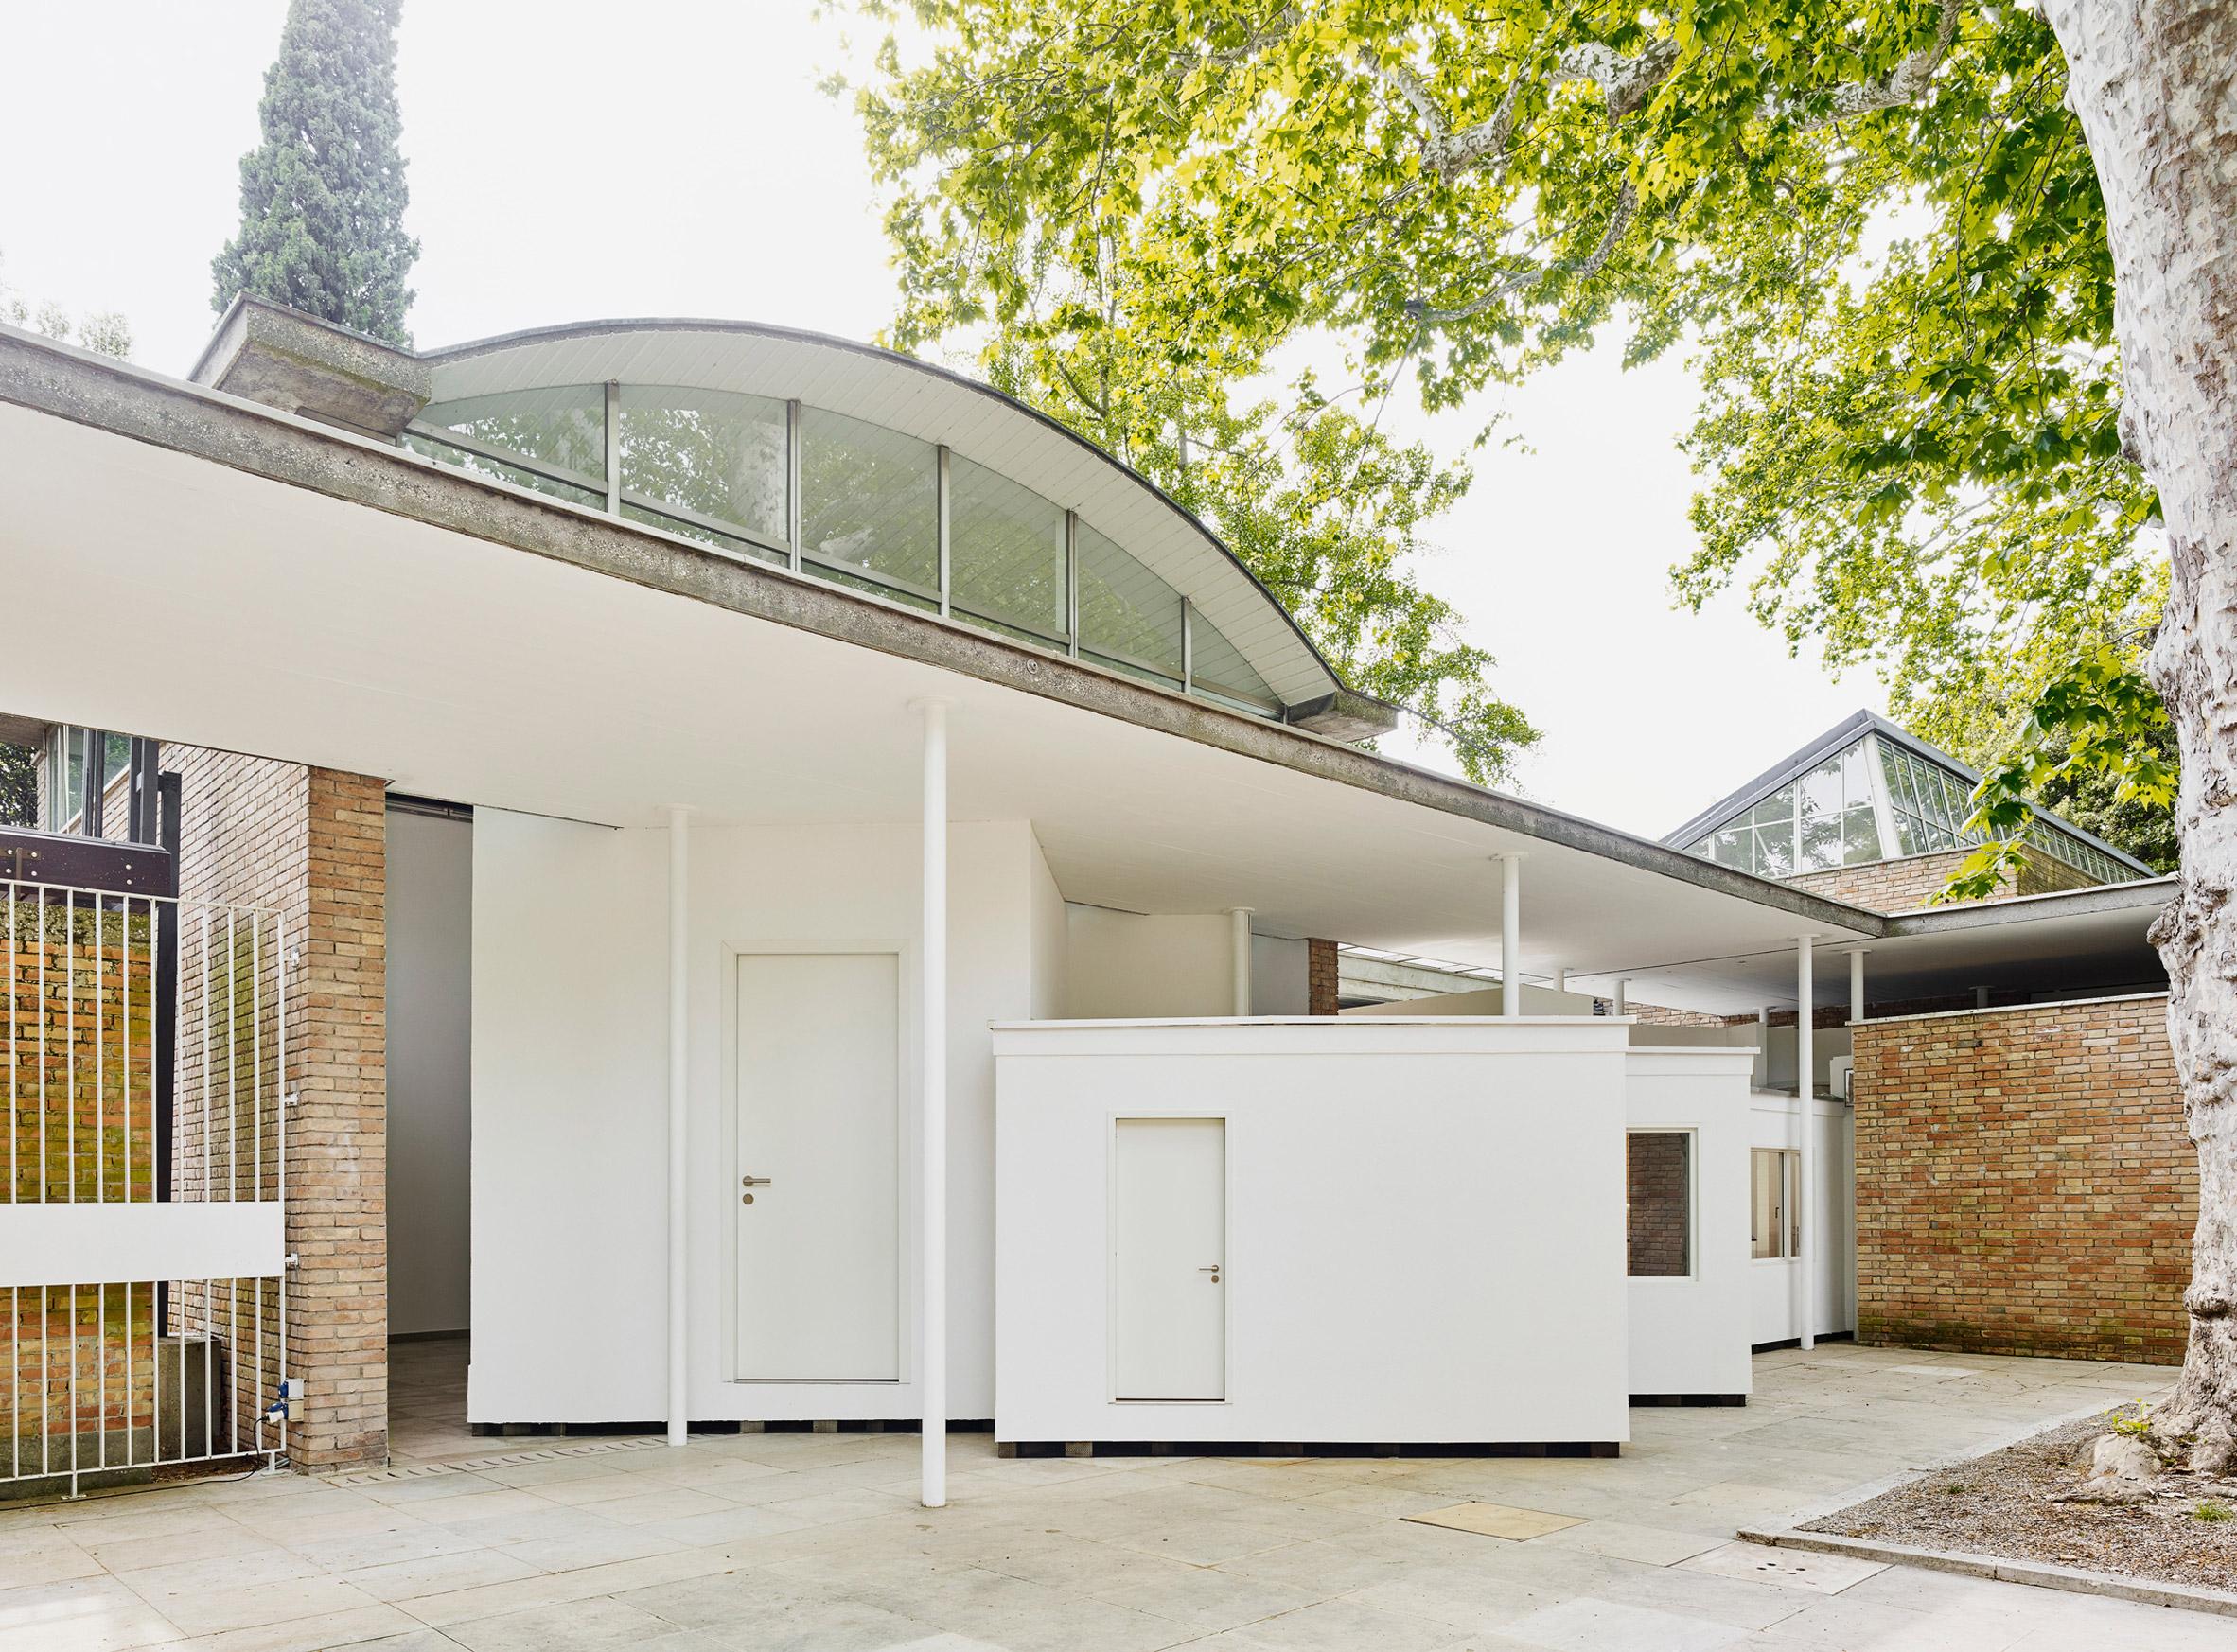 House Tour, Swiss Pavilion, Venice Architecture Biennale, Italy